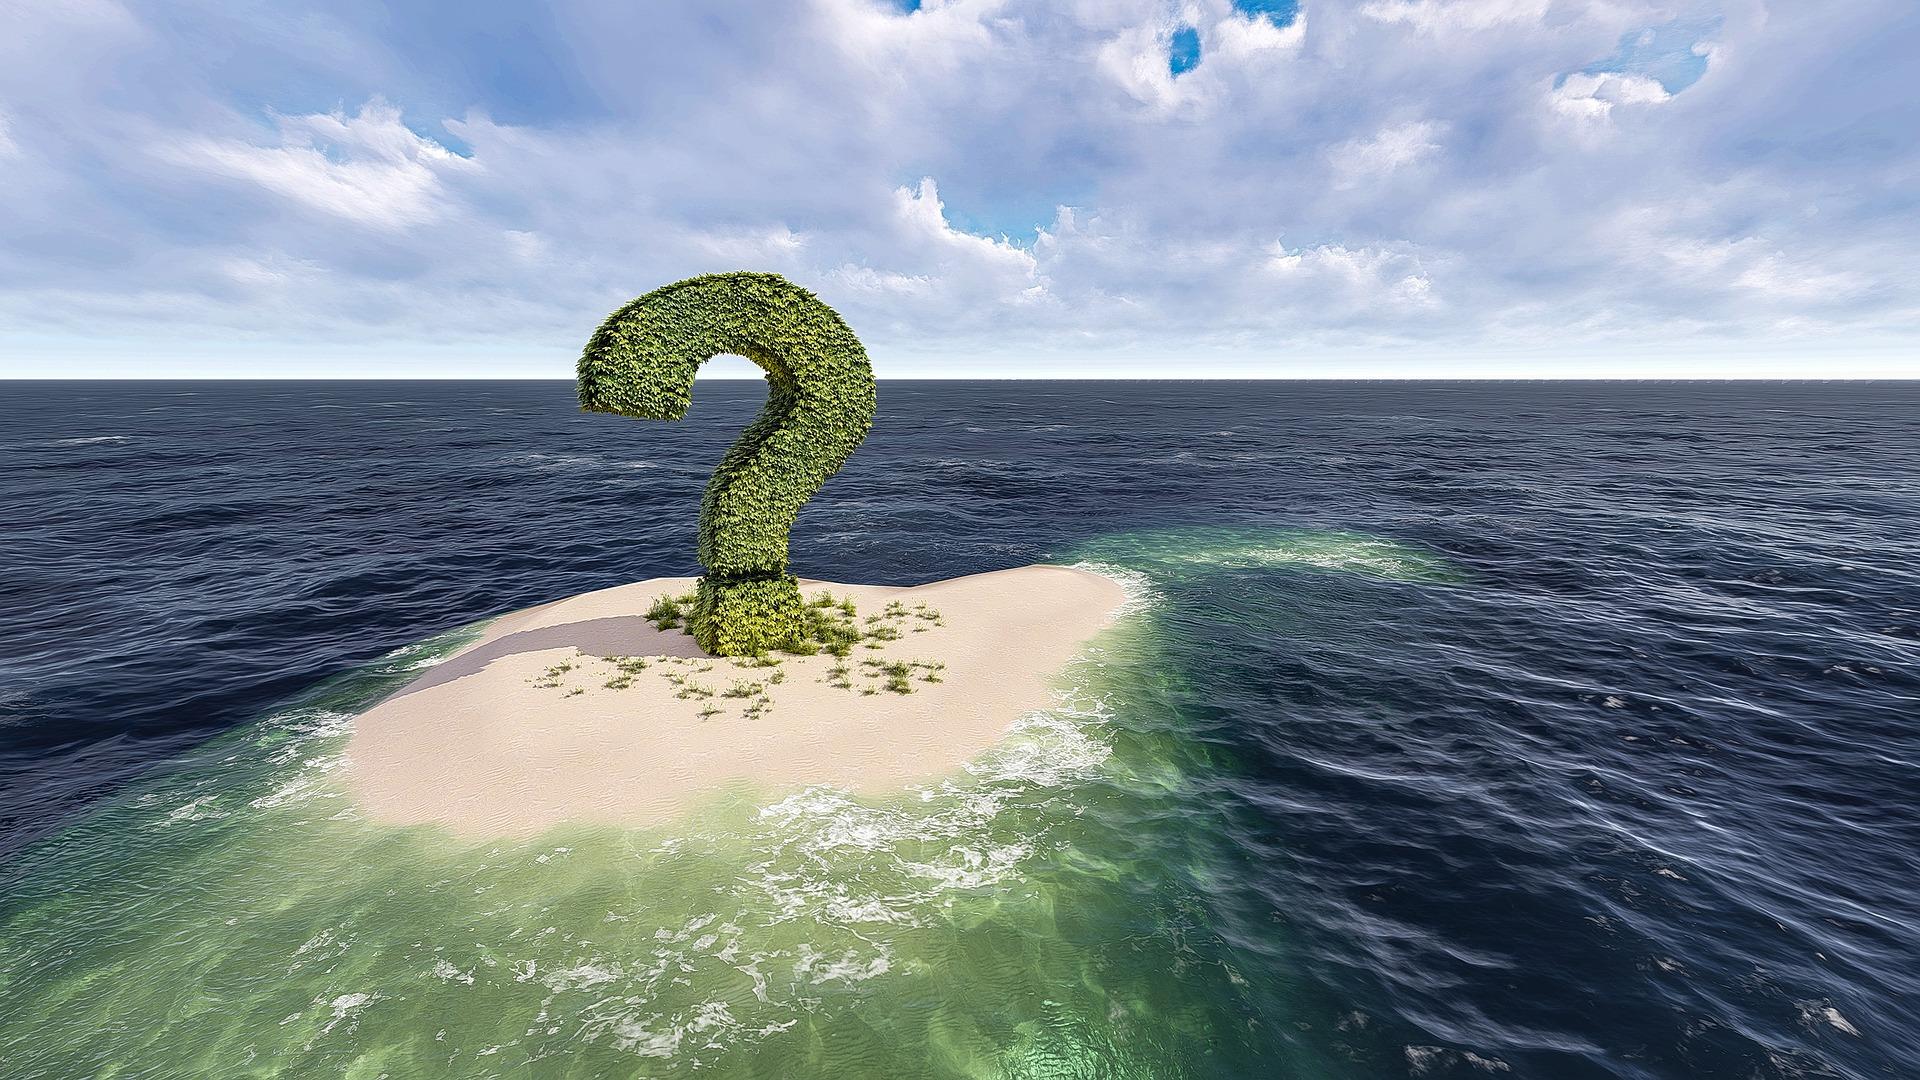 Grünes Fragezeichen aus Blättern auf einer Insel